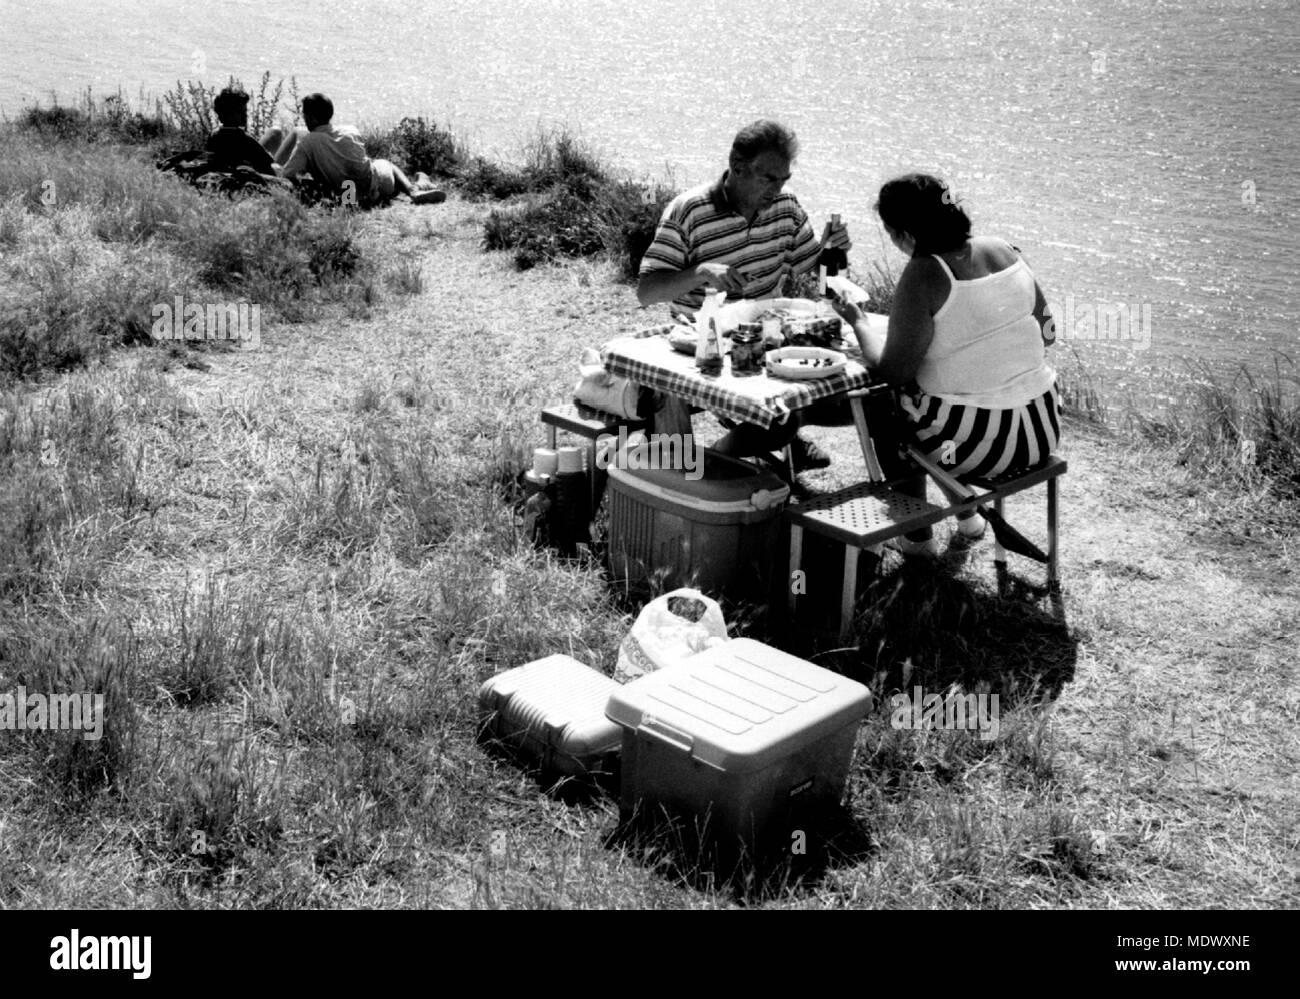 AJAXNETPHOTO. 1996. CAP GRIS NEZ, Pas-de-Calais, Francia. PICNIC en lo alto de un acantilado, en agosto. Foto:Jonathan EASTLAND/AJAX REF:FRA_PICNIC_CGN_9608 Imagen De Stock